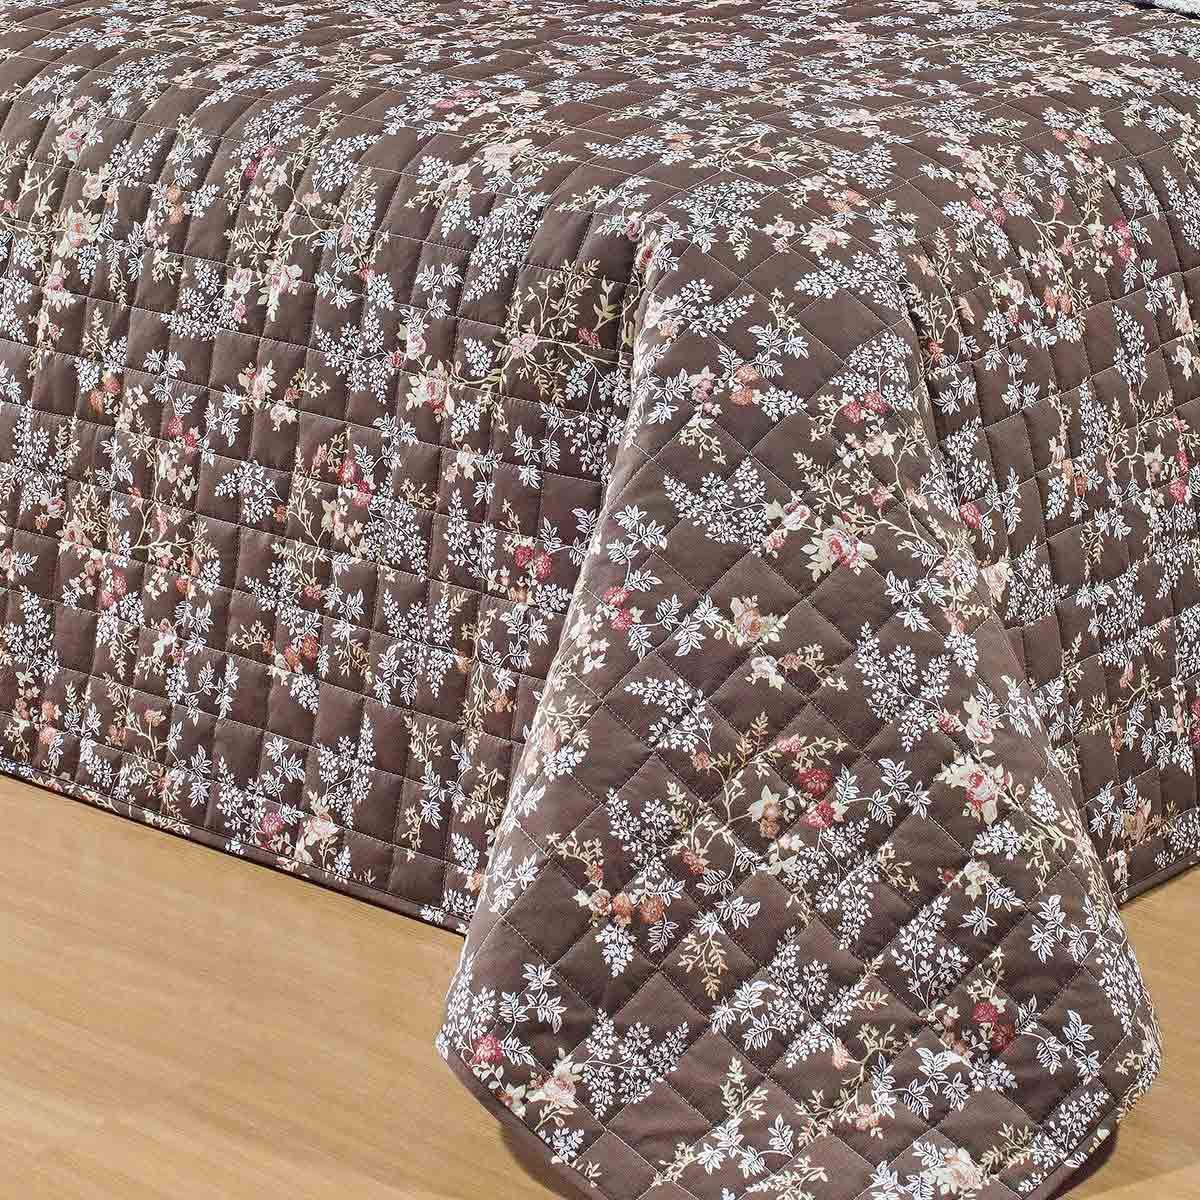 Kit Cobre Leito (Cobre Leito + Lençol) Queen Coleção Nobre Percal 200 Fios Florida com 7 peças